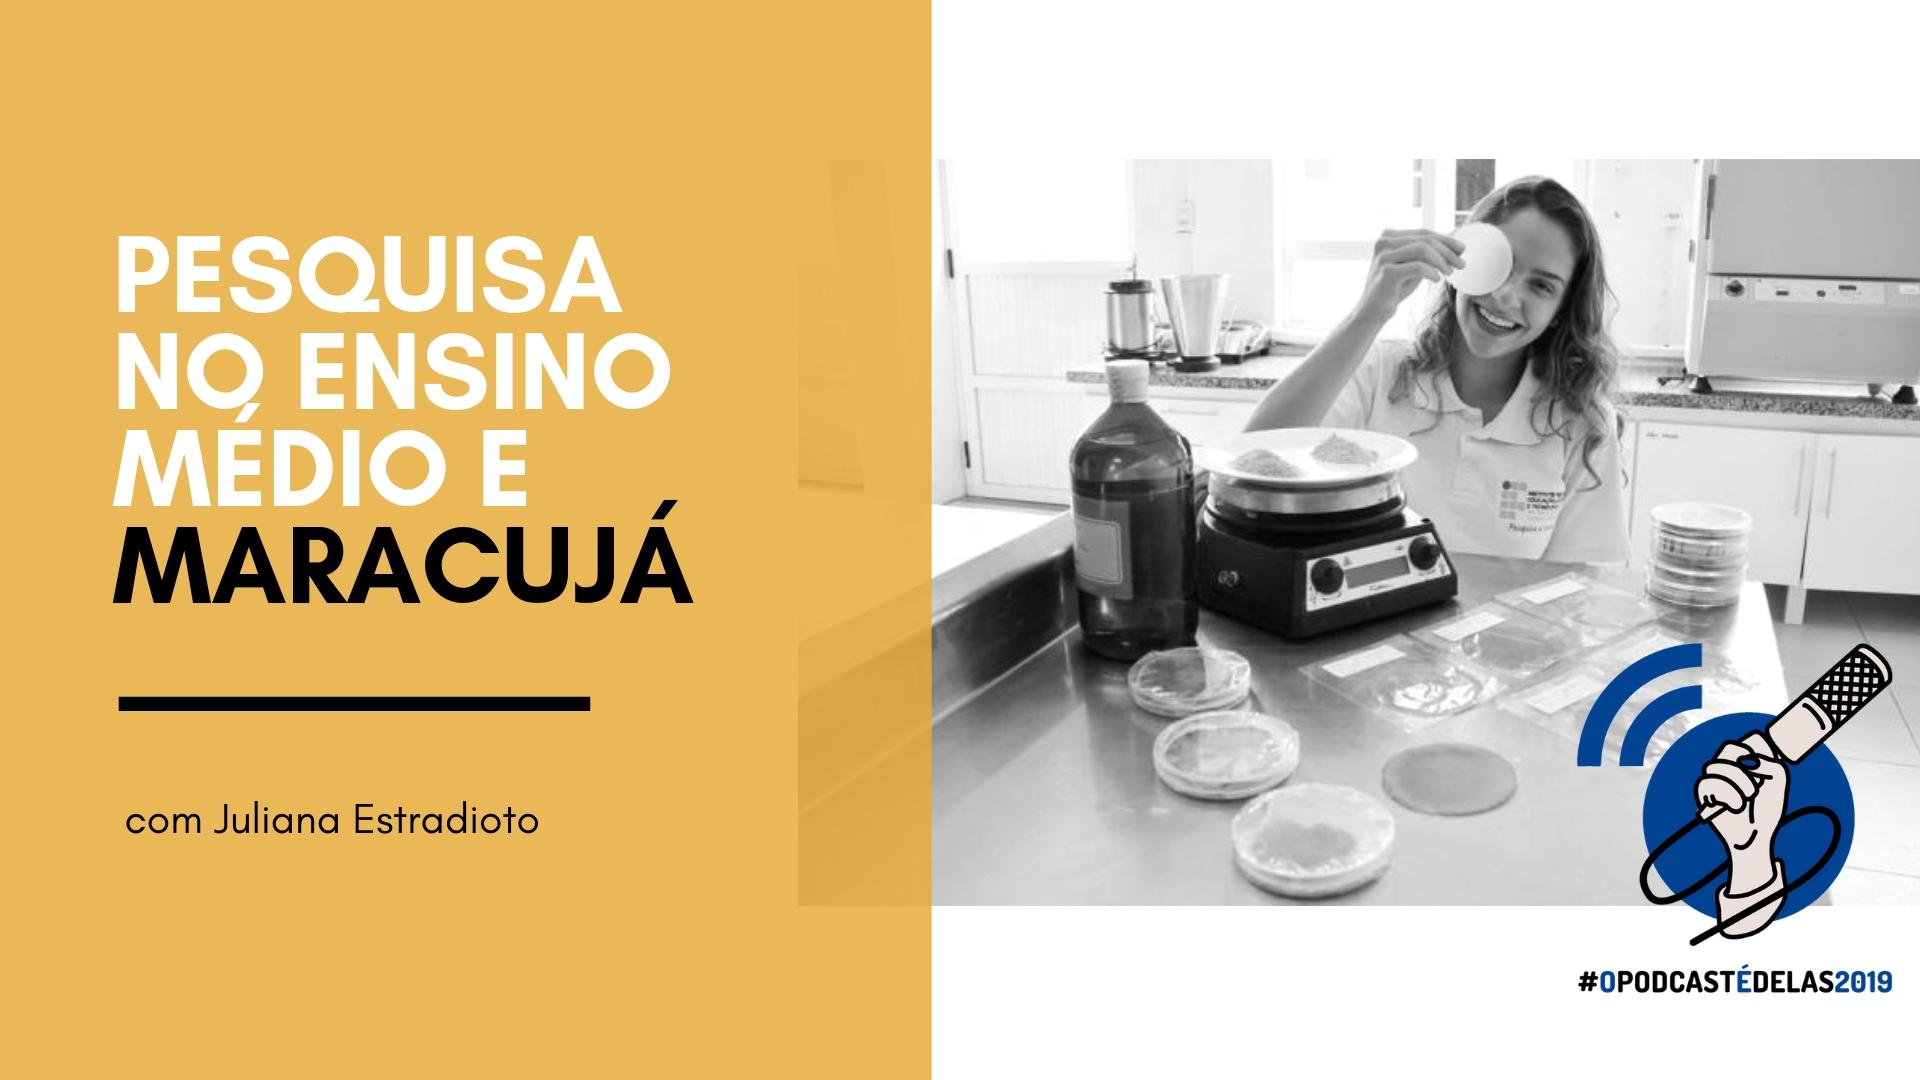 Capa do episódio: Pesquisa no Ensino Médio e Maracujá com Juliana Estradioto; Foto: Divulgação / IFRS.